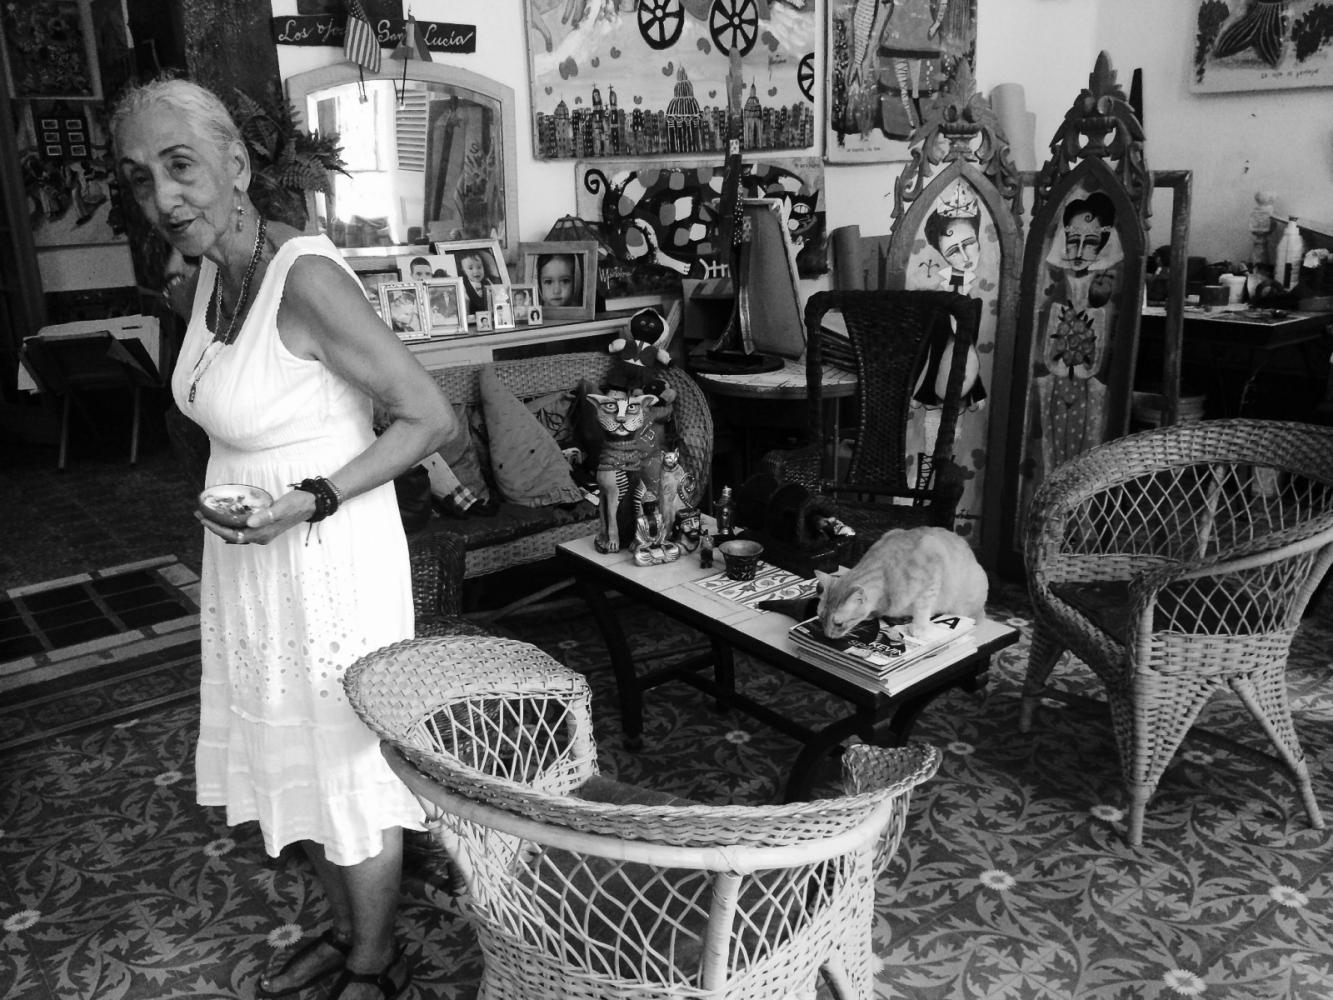 Cuba, 2015 The Painter